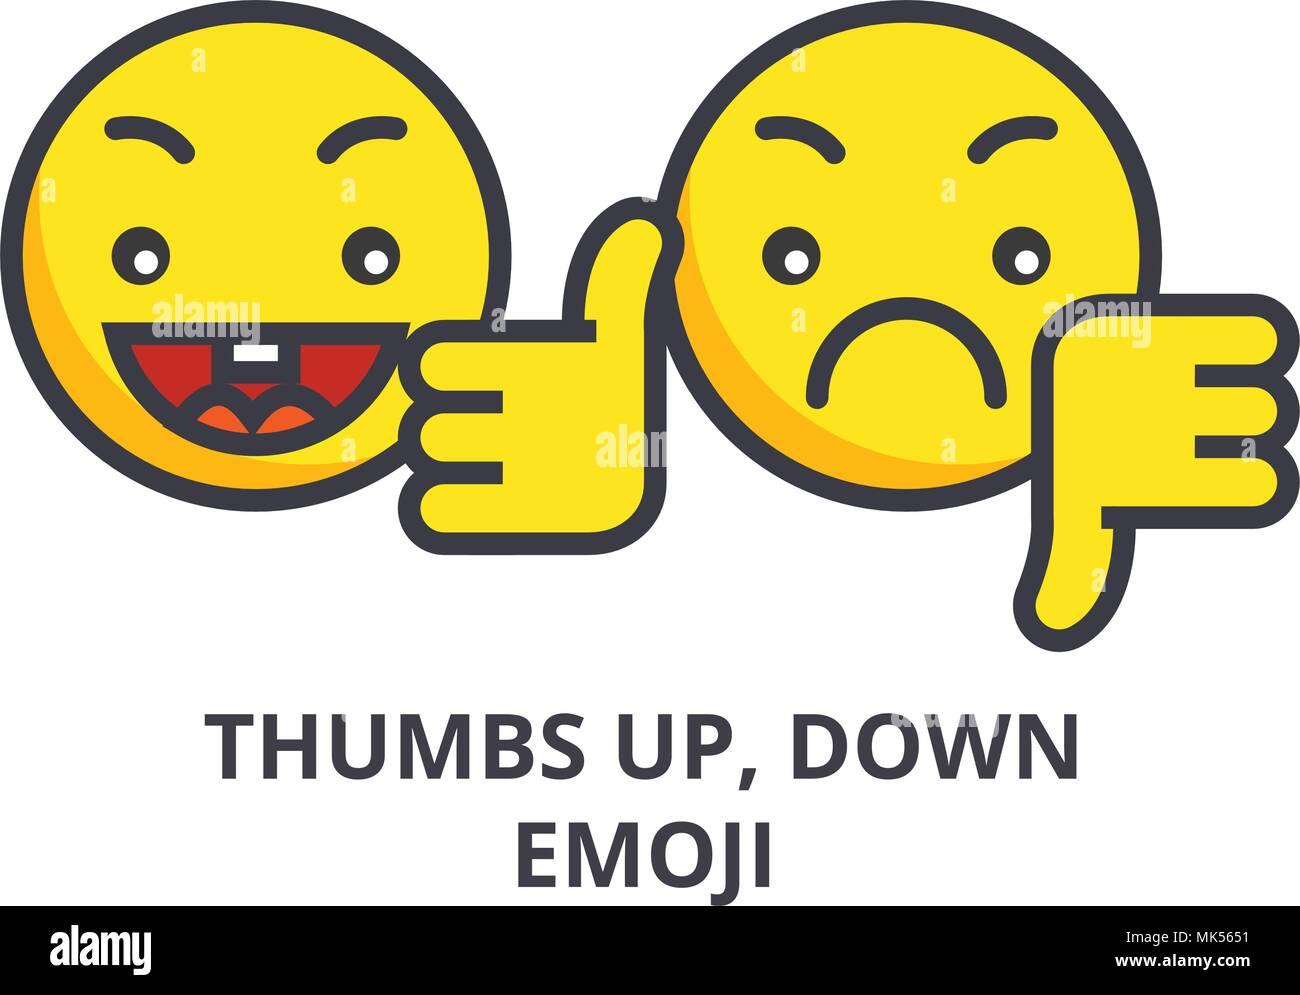 Thumbs Up Emoji Stock Photos & Thumbs Up Emoji Stock Images